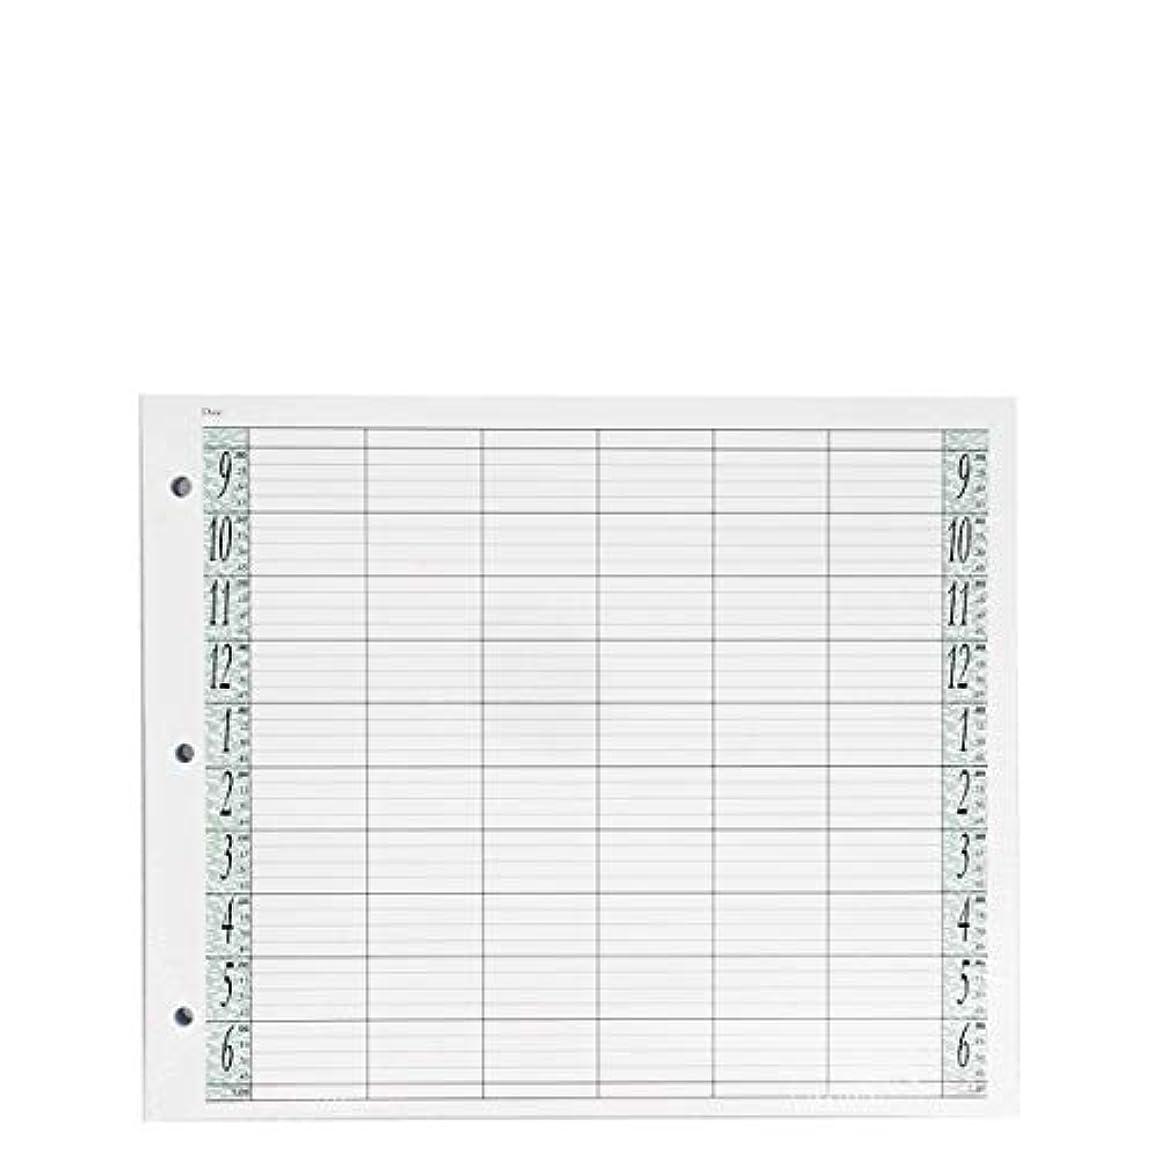 ゴミ箱良心的驚くばかりアジェンダ サロンコンセプト ルーズリーフリフィル6色100枚LL6 / Z3[海外直送品] [並行輸入品]